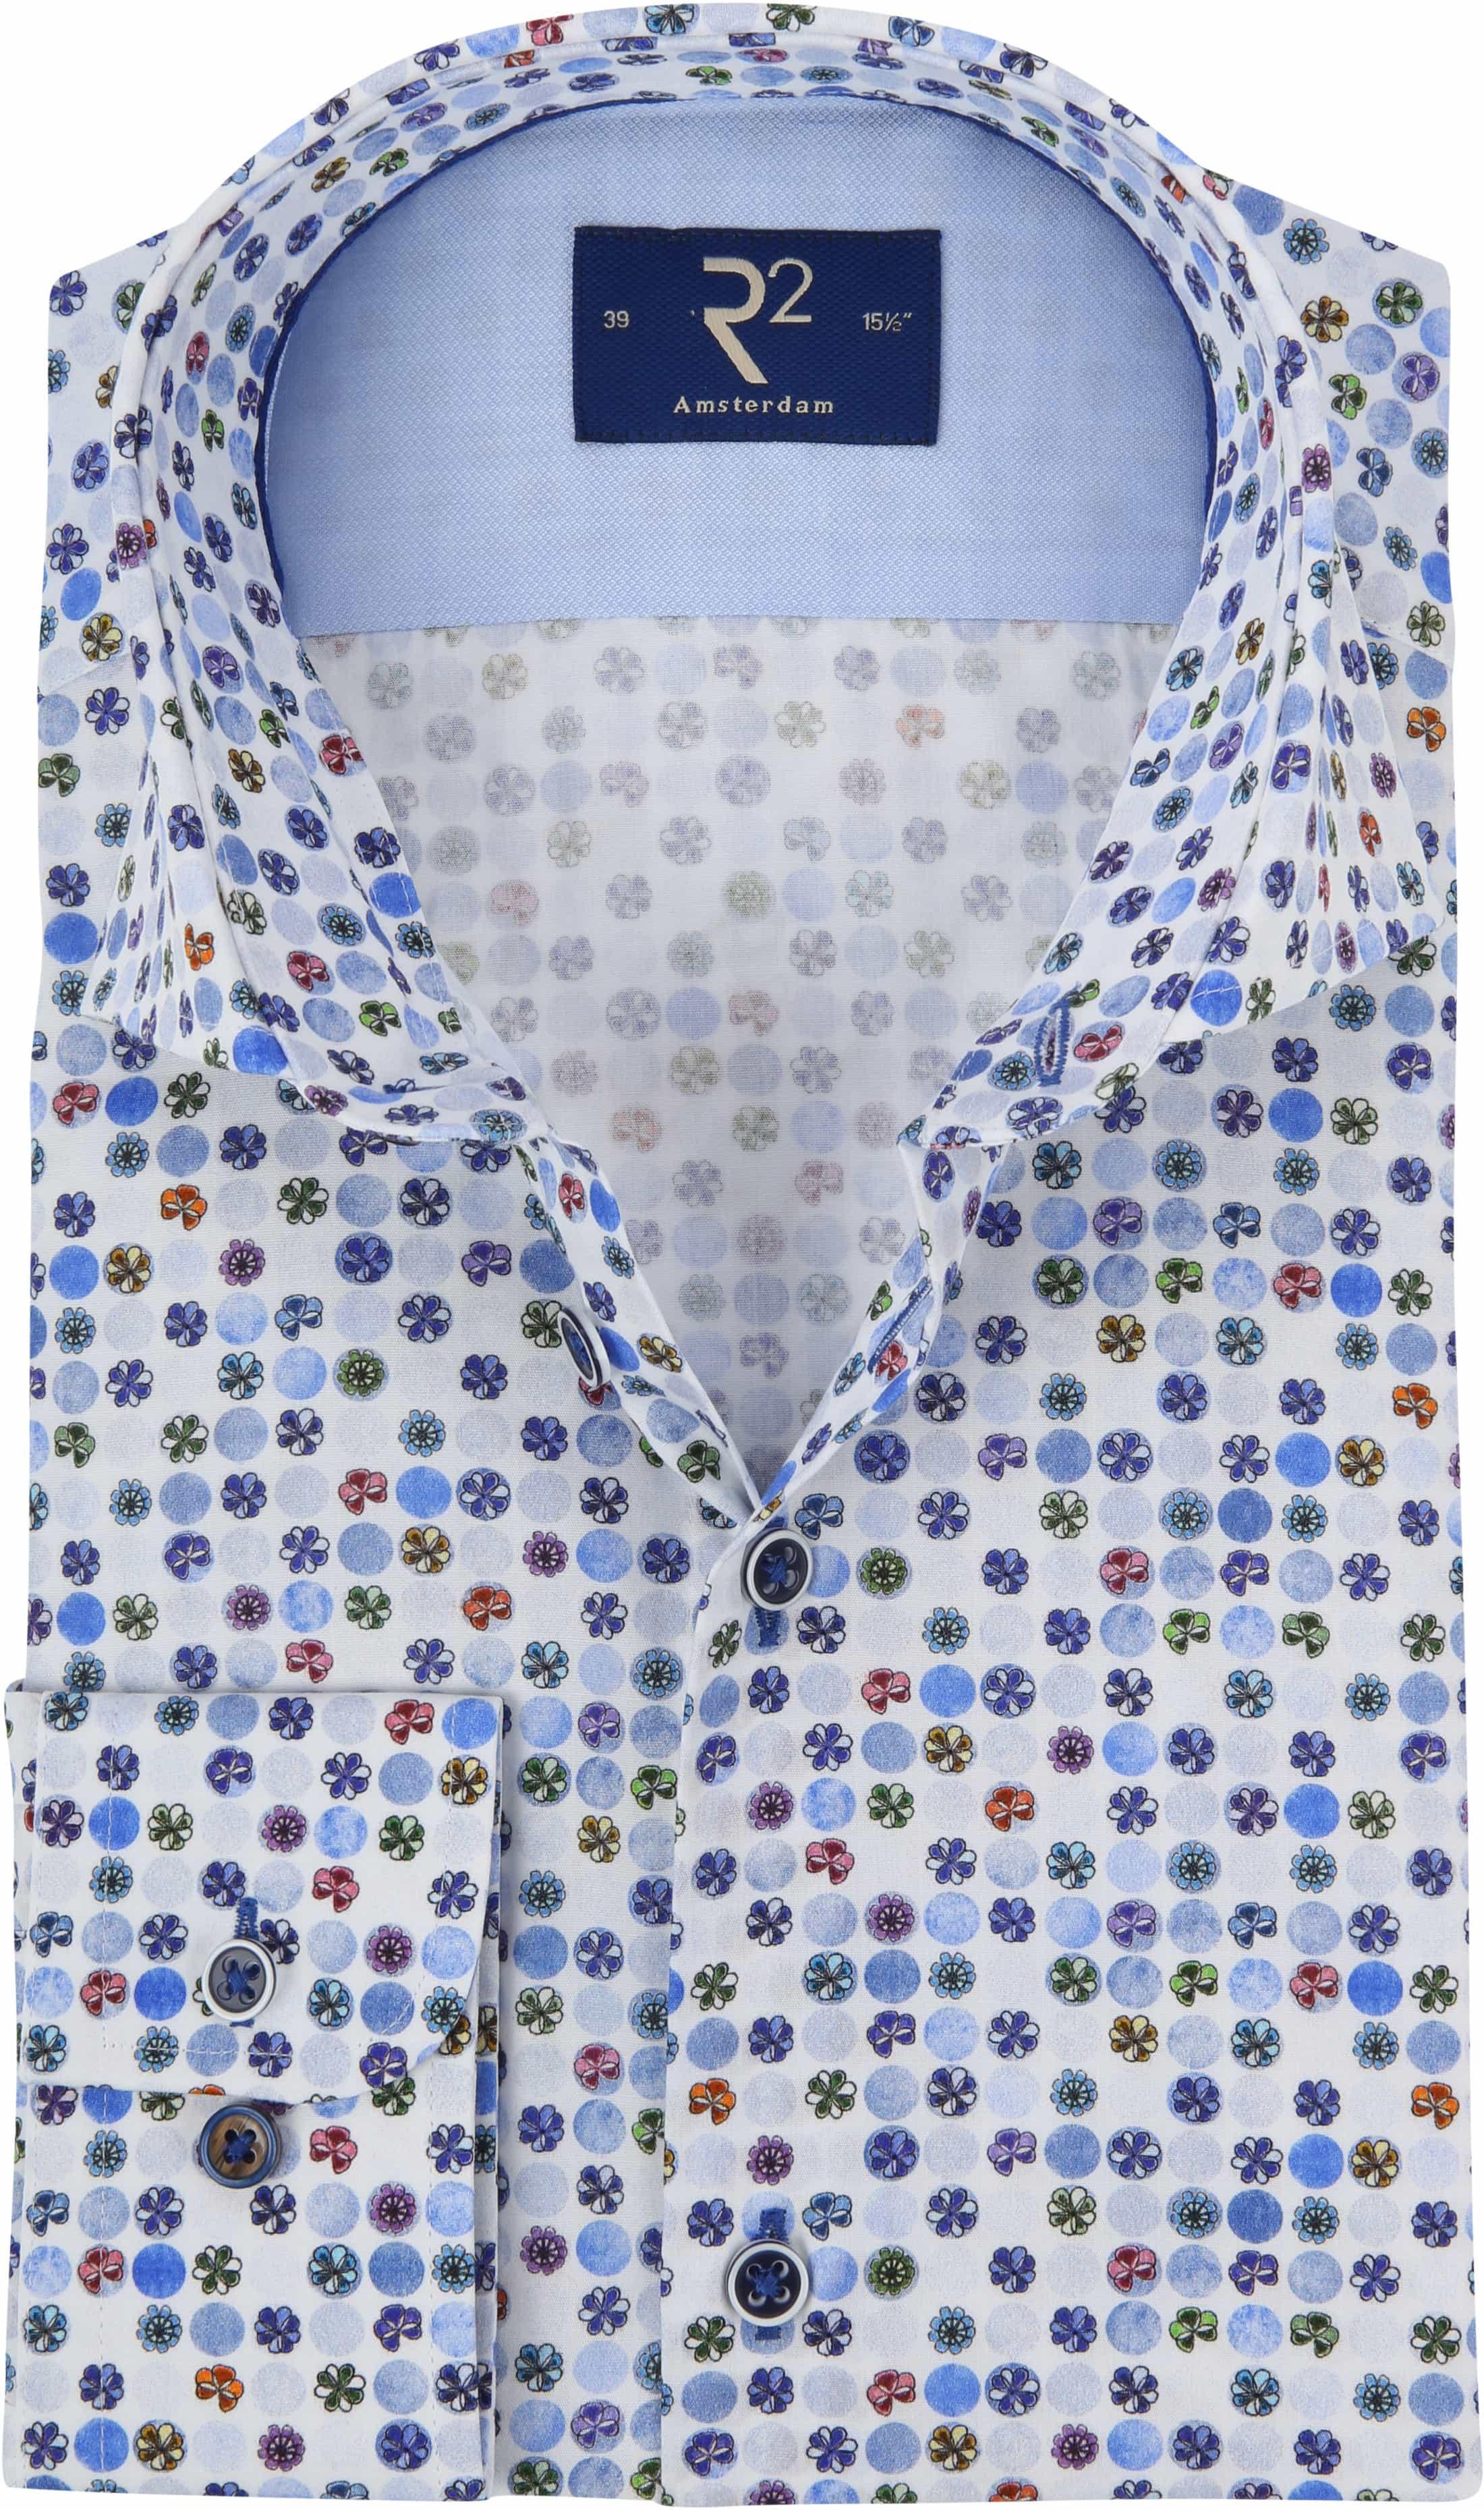 Bloemen Overhemd.R2 Overhemd Gekleurde Bloemen 104 Wsp 007 073 Online Bestellen